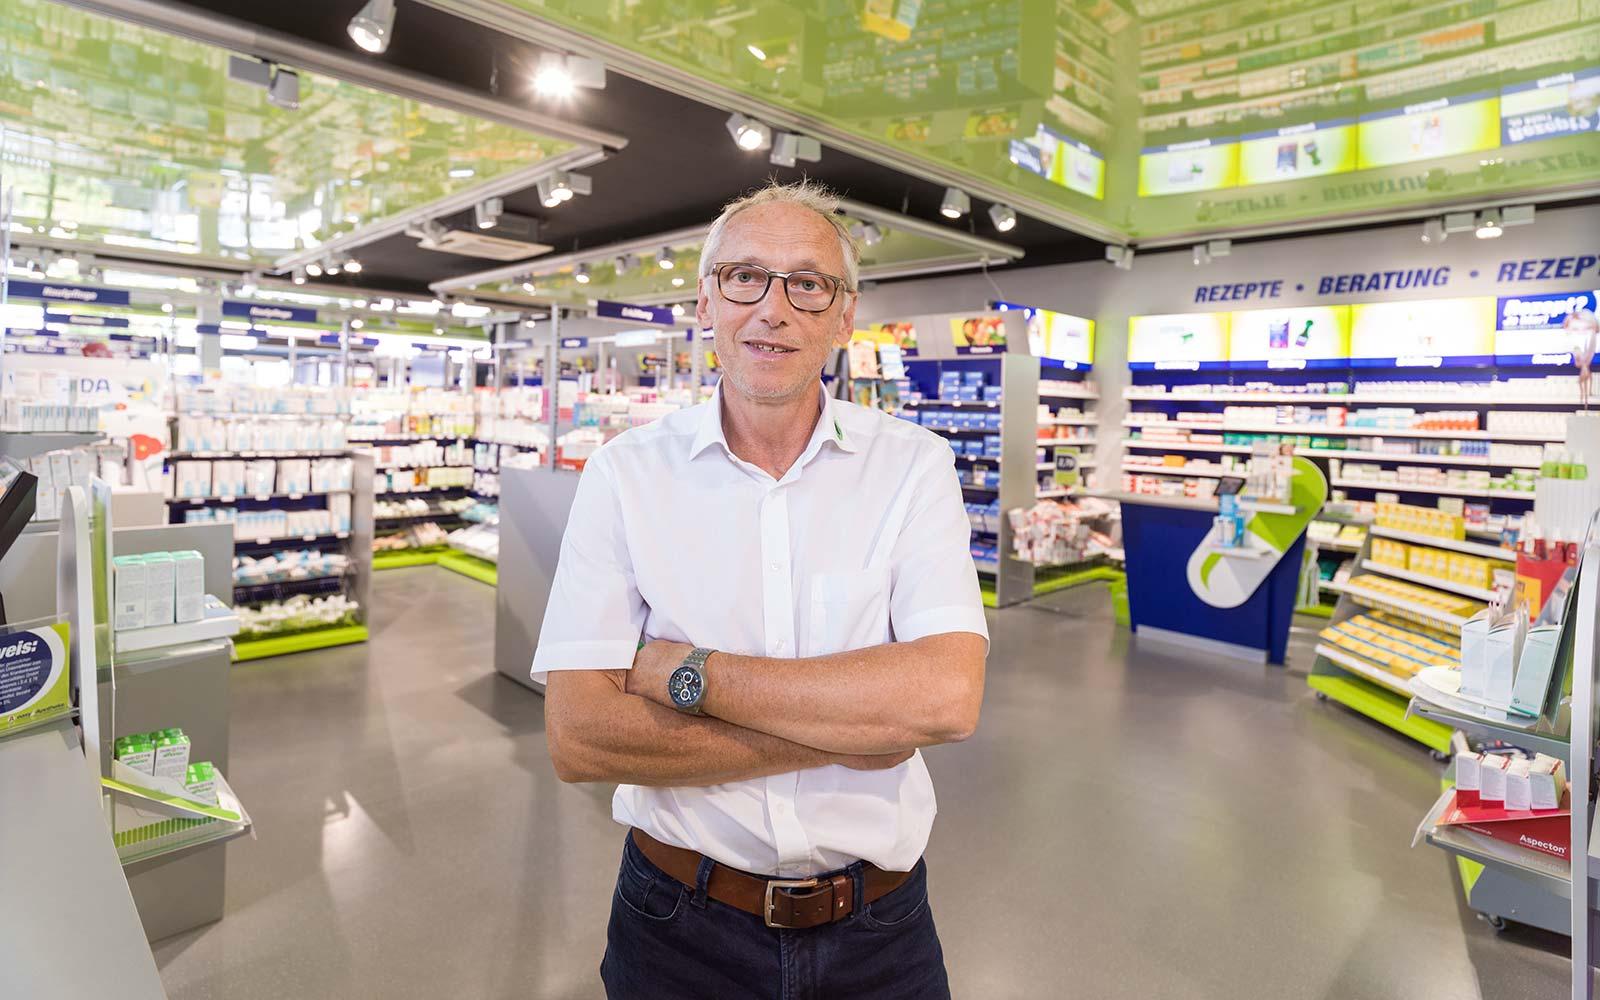 Apotheker Peter Schmid in seiner easyApotheke in Eggenfelden